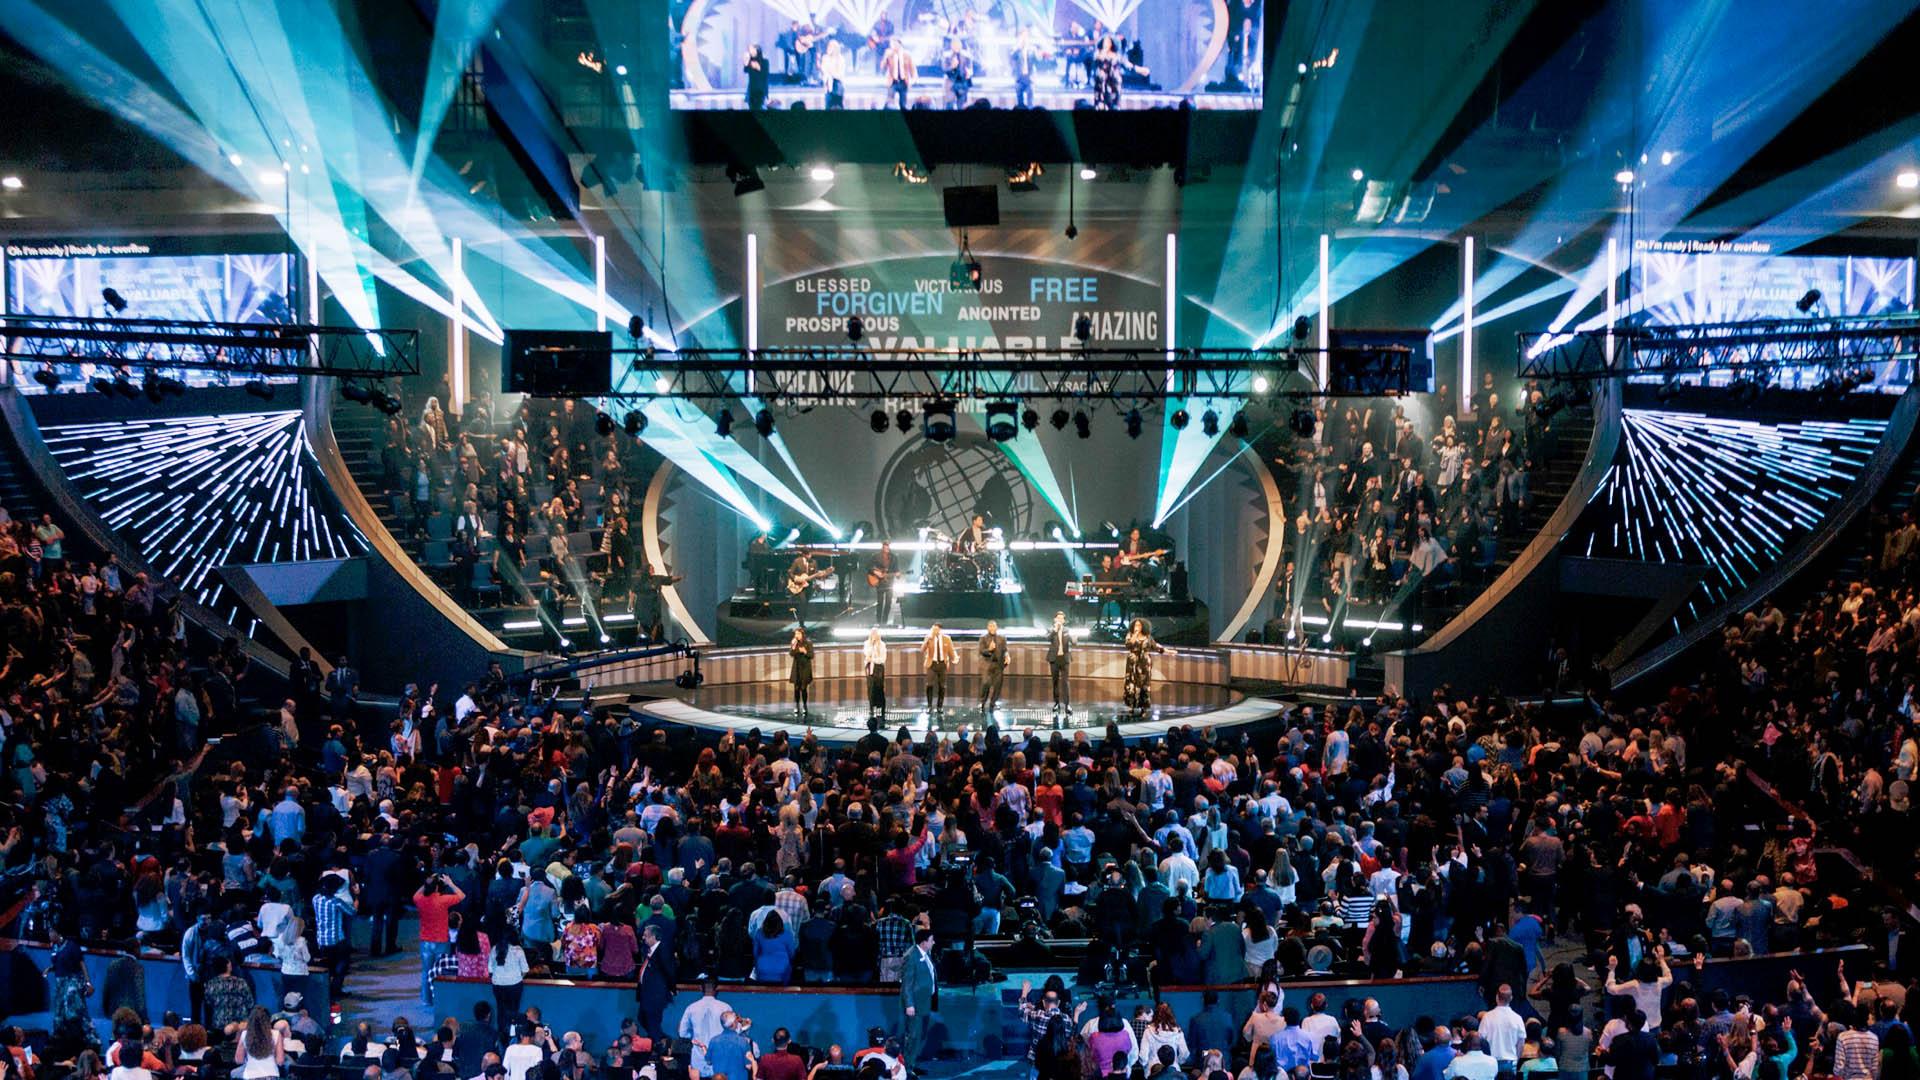 Zeitgenössische Musik, lebensnahe Predigten, unterhaltsame Gottesdienste – Megakirchen orientieren sich an den Bedürfnissen moderner Kunden